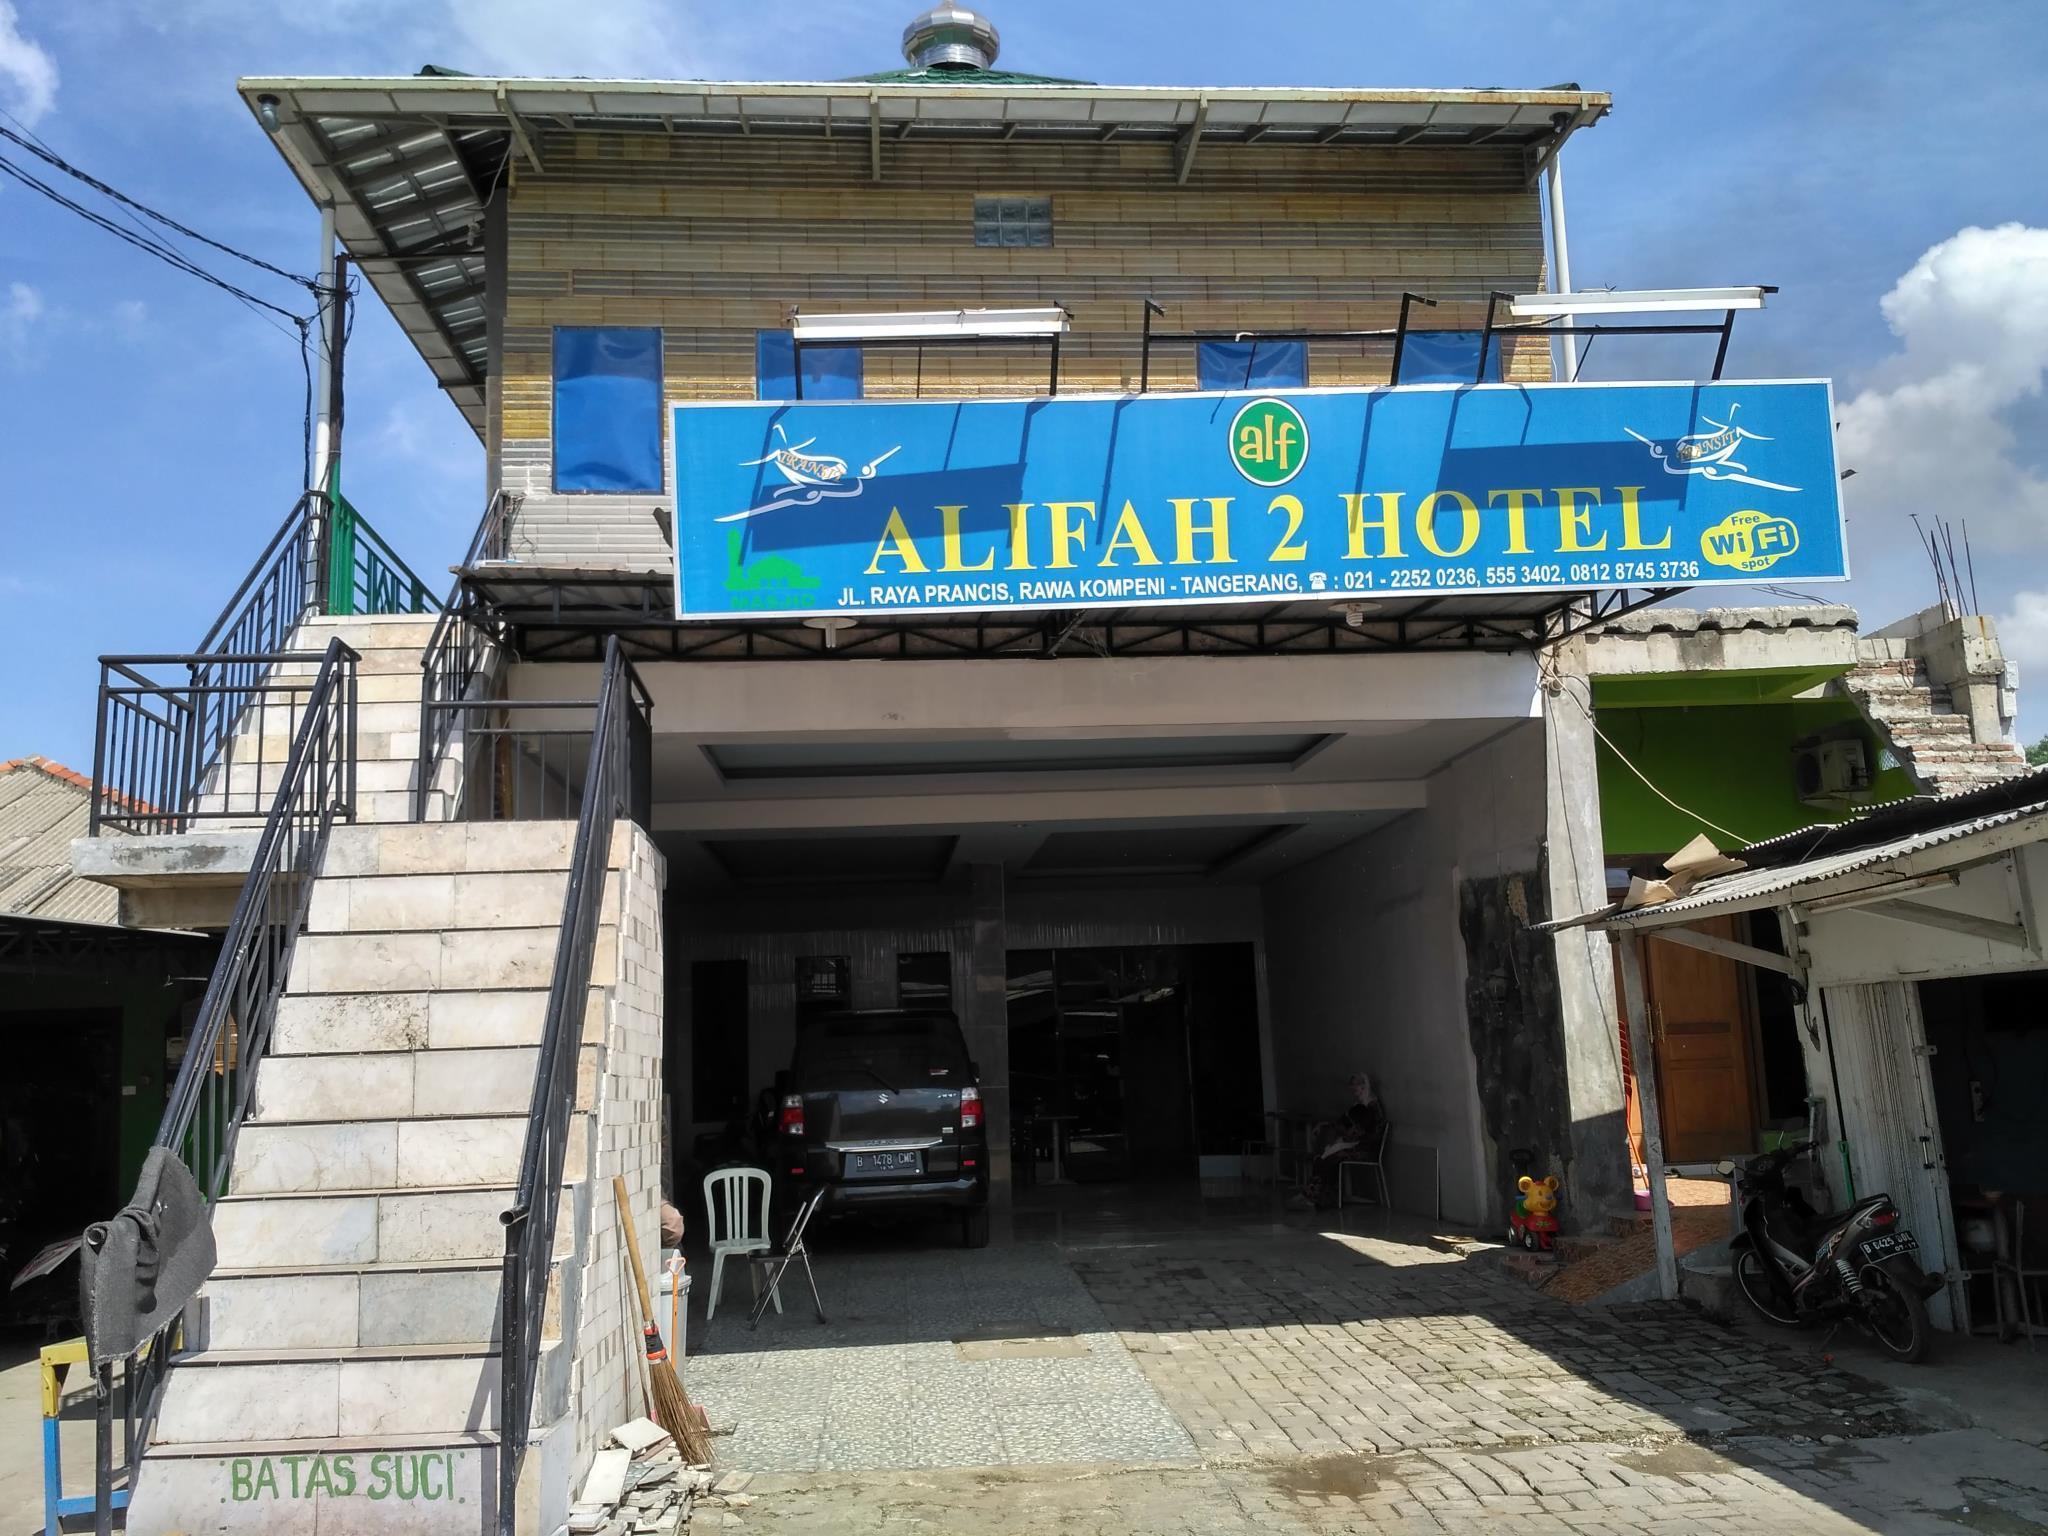 Alifah 2